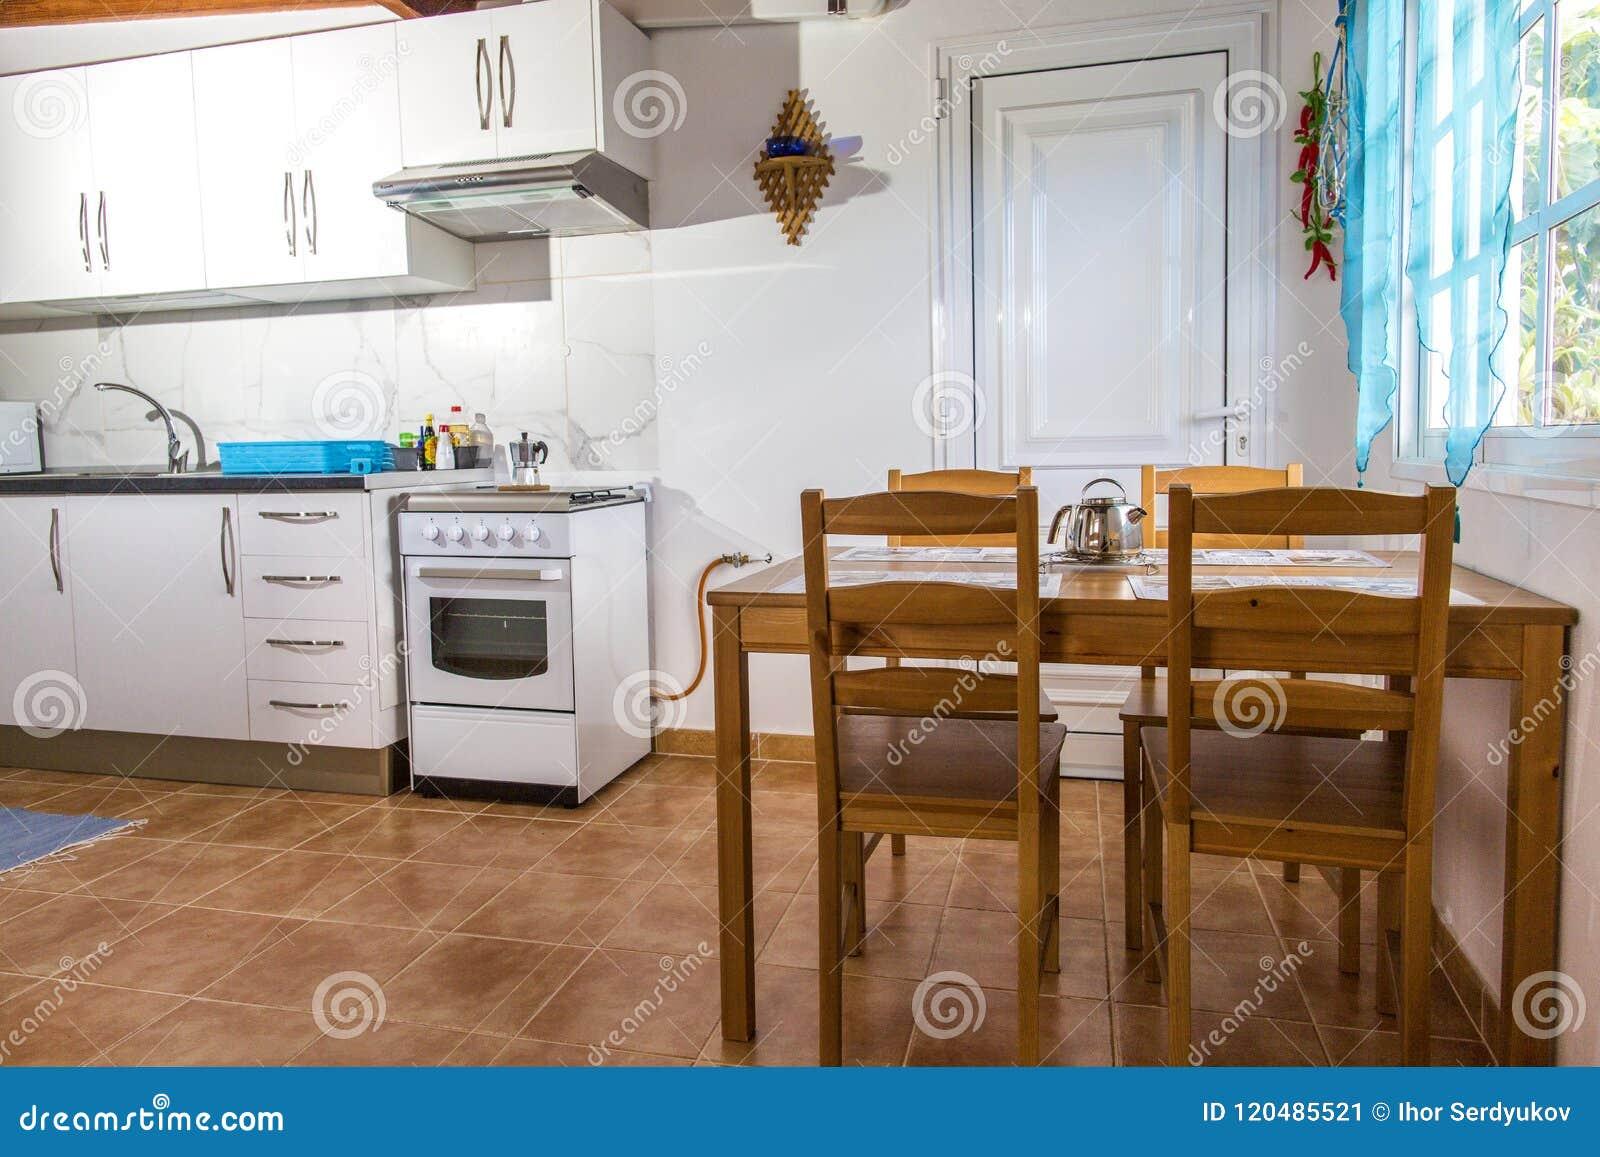 Cuisine Cuisine dans l appartement Rue Ligth